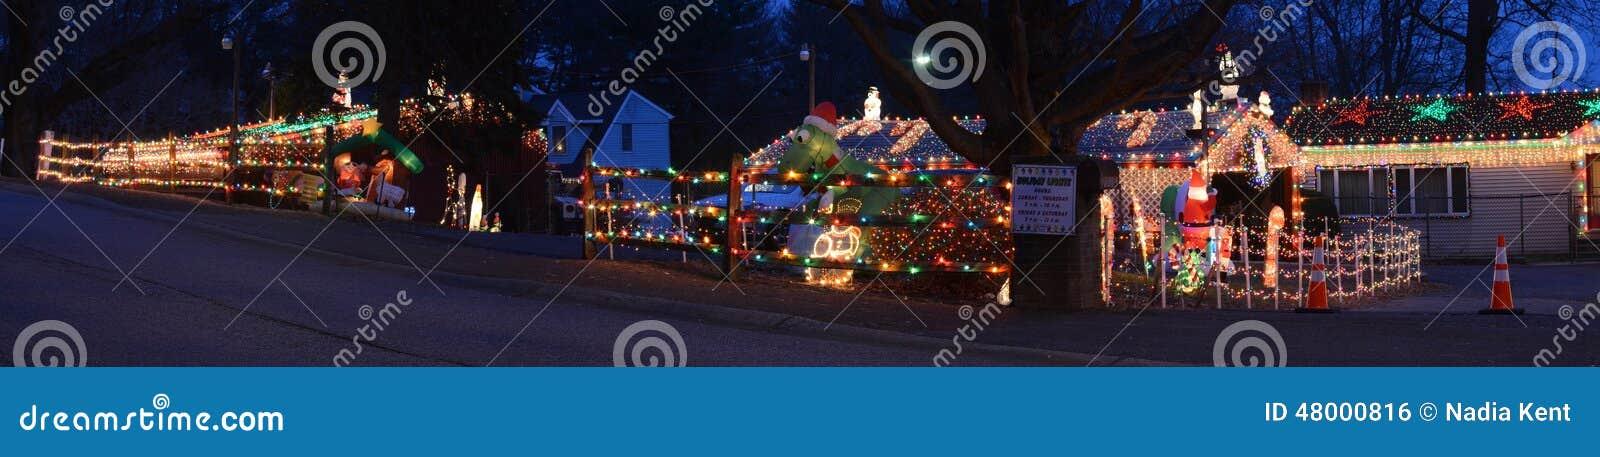 Imagination merveilleuse de lumières de Noël